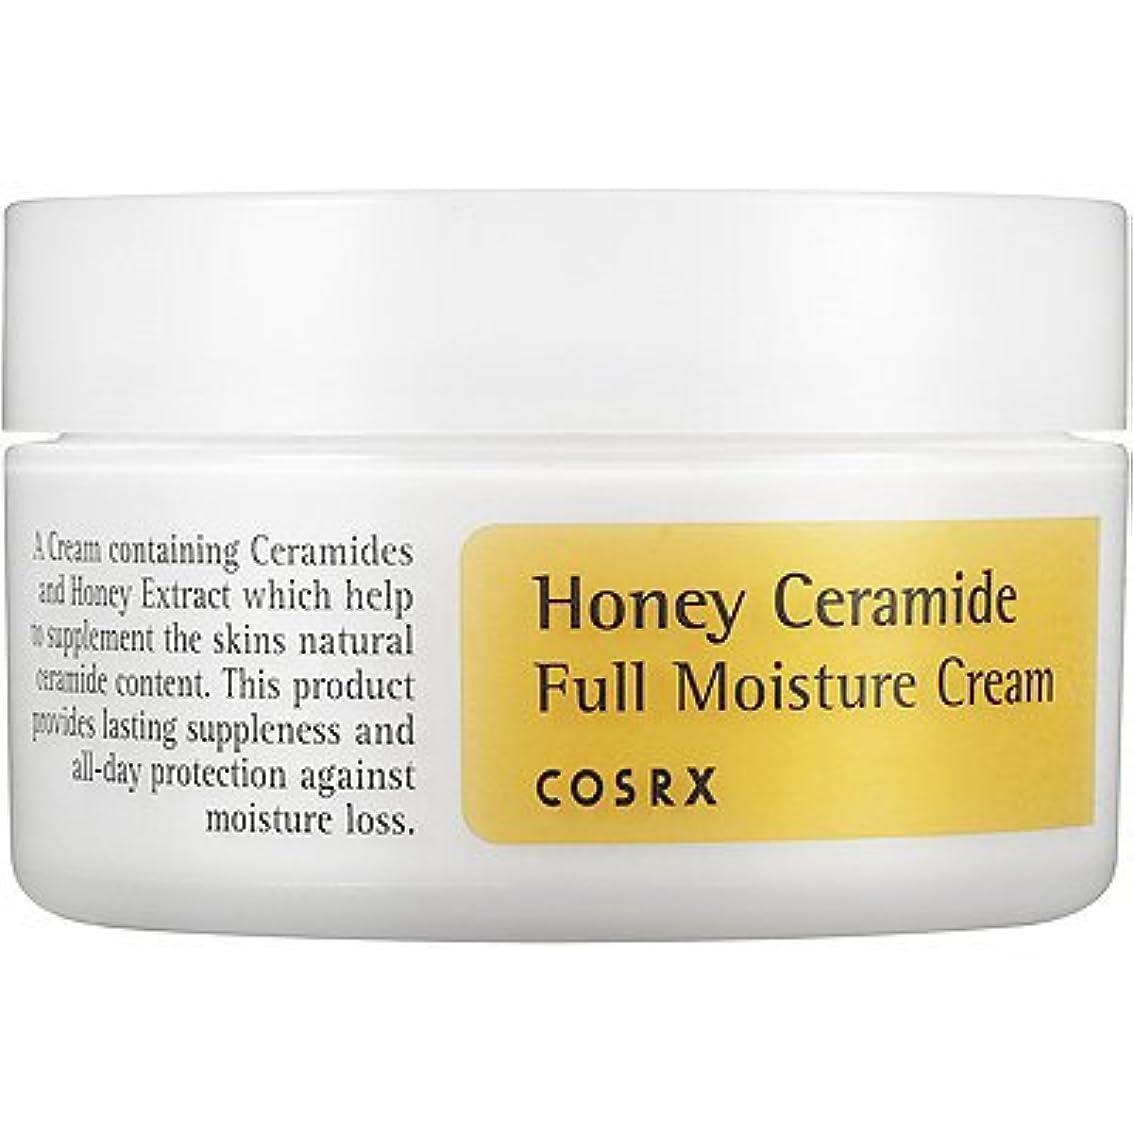 イライラする一握り洋服COSRX Honey Ceramide Full Moisture Cream 50g/ハニーセラミド フル モイスチャークリーム -50g [並行輸入品]